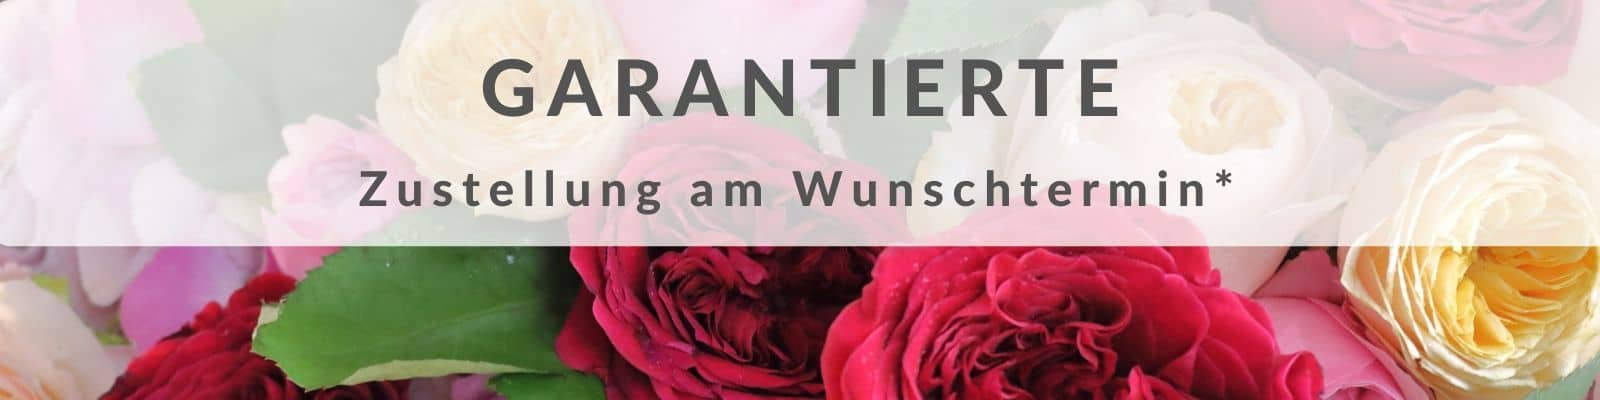 24 Stunden Blumen Lieferung - Blumen verschicken - Online Express